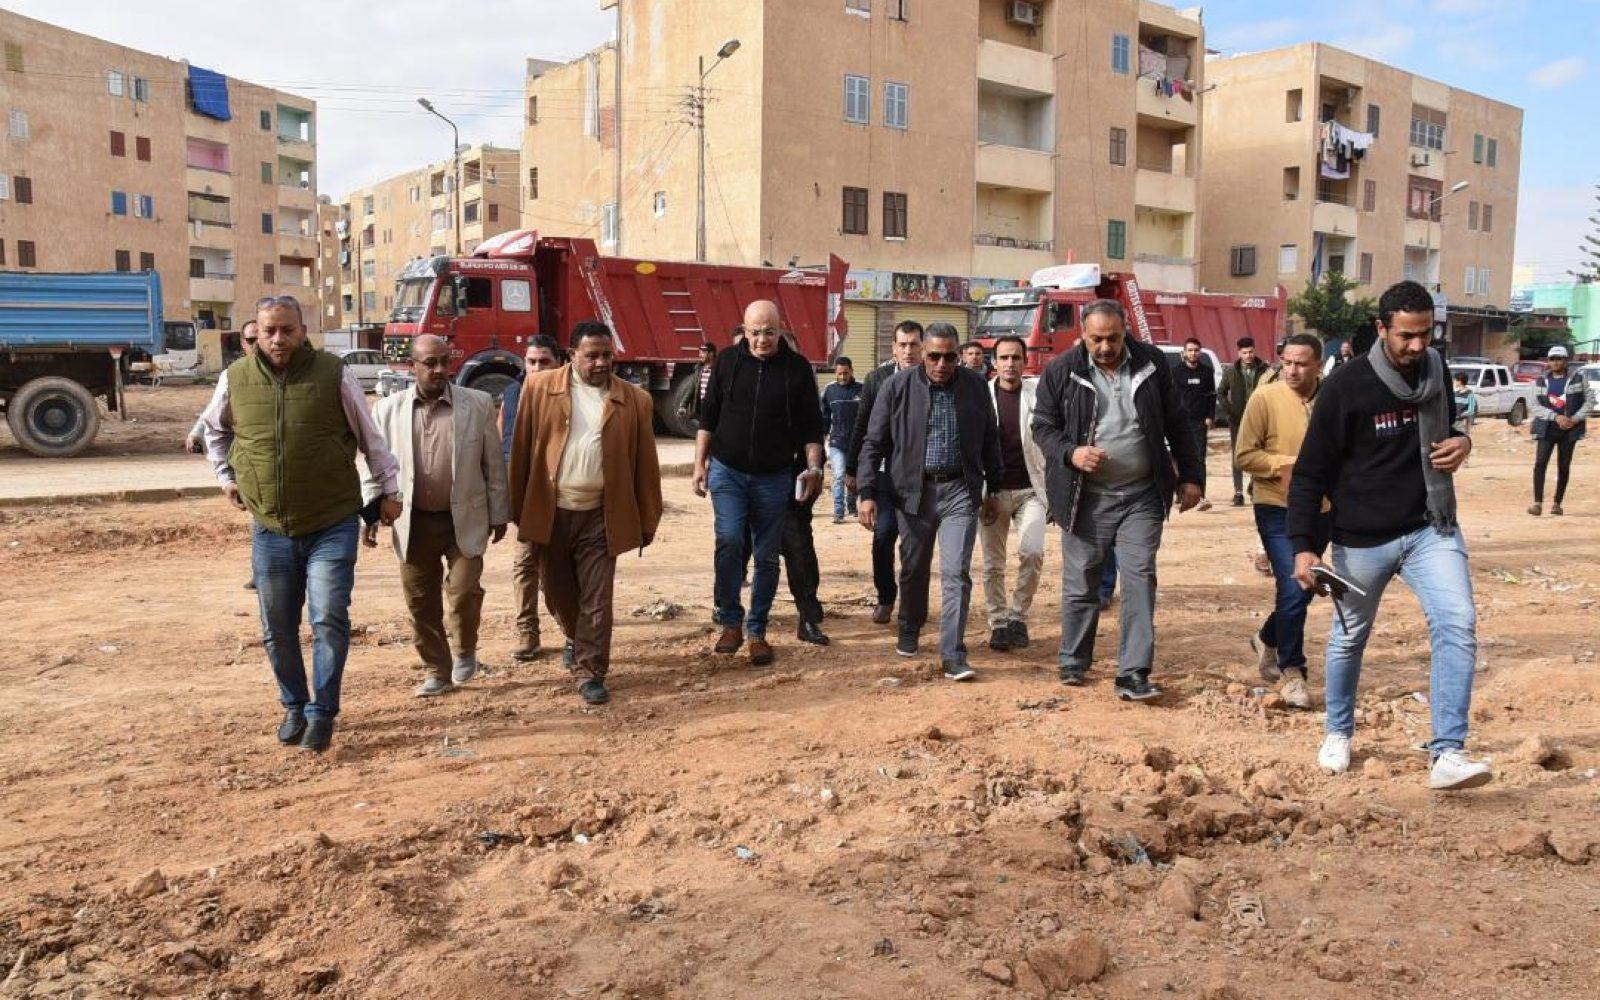 جهاز الشروق   بدء تنفيذ مشروع صيانة للطرق وتنسيق الموقع العام بالمدينة